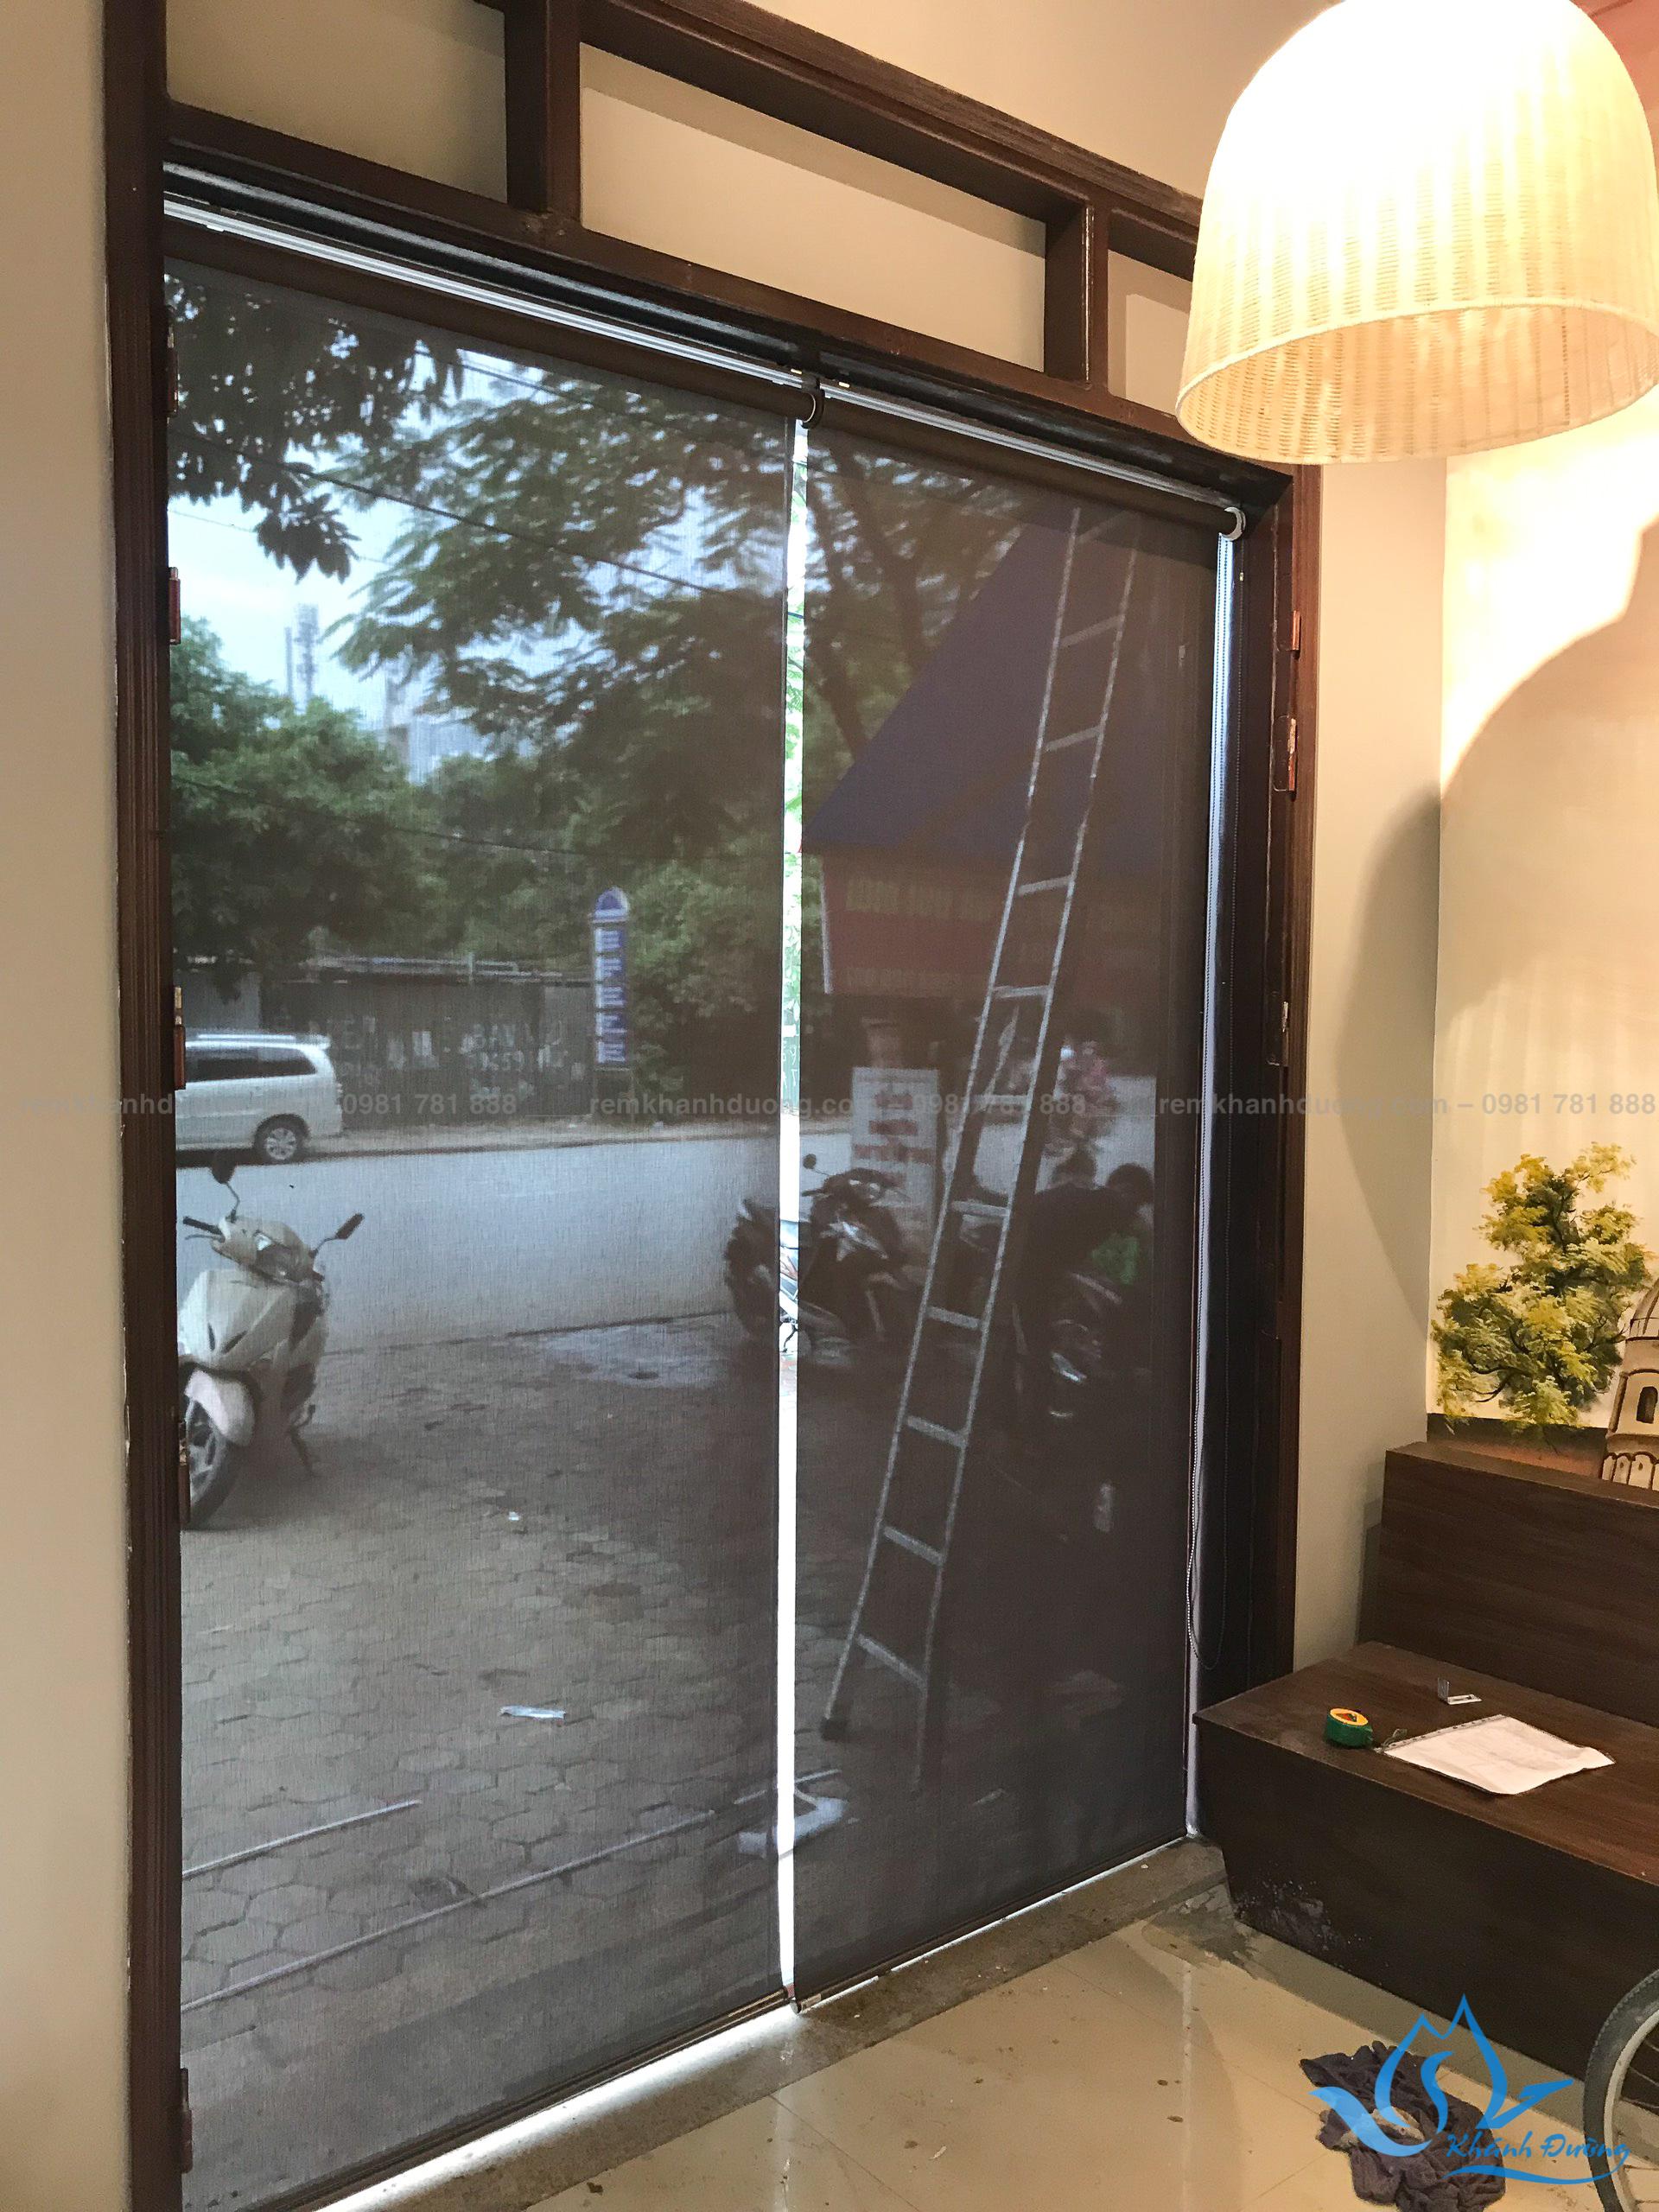 rem-cuon-luoi-gia-re-cho-quan-cafe-a4002-tai-nguyen-canh-di (9)